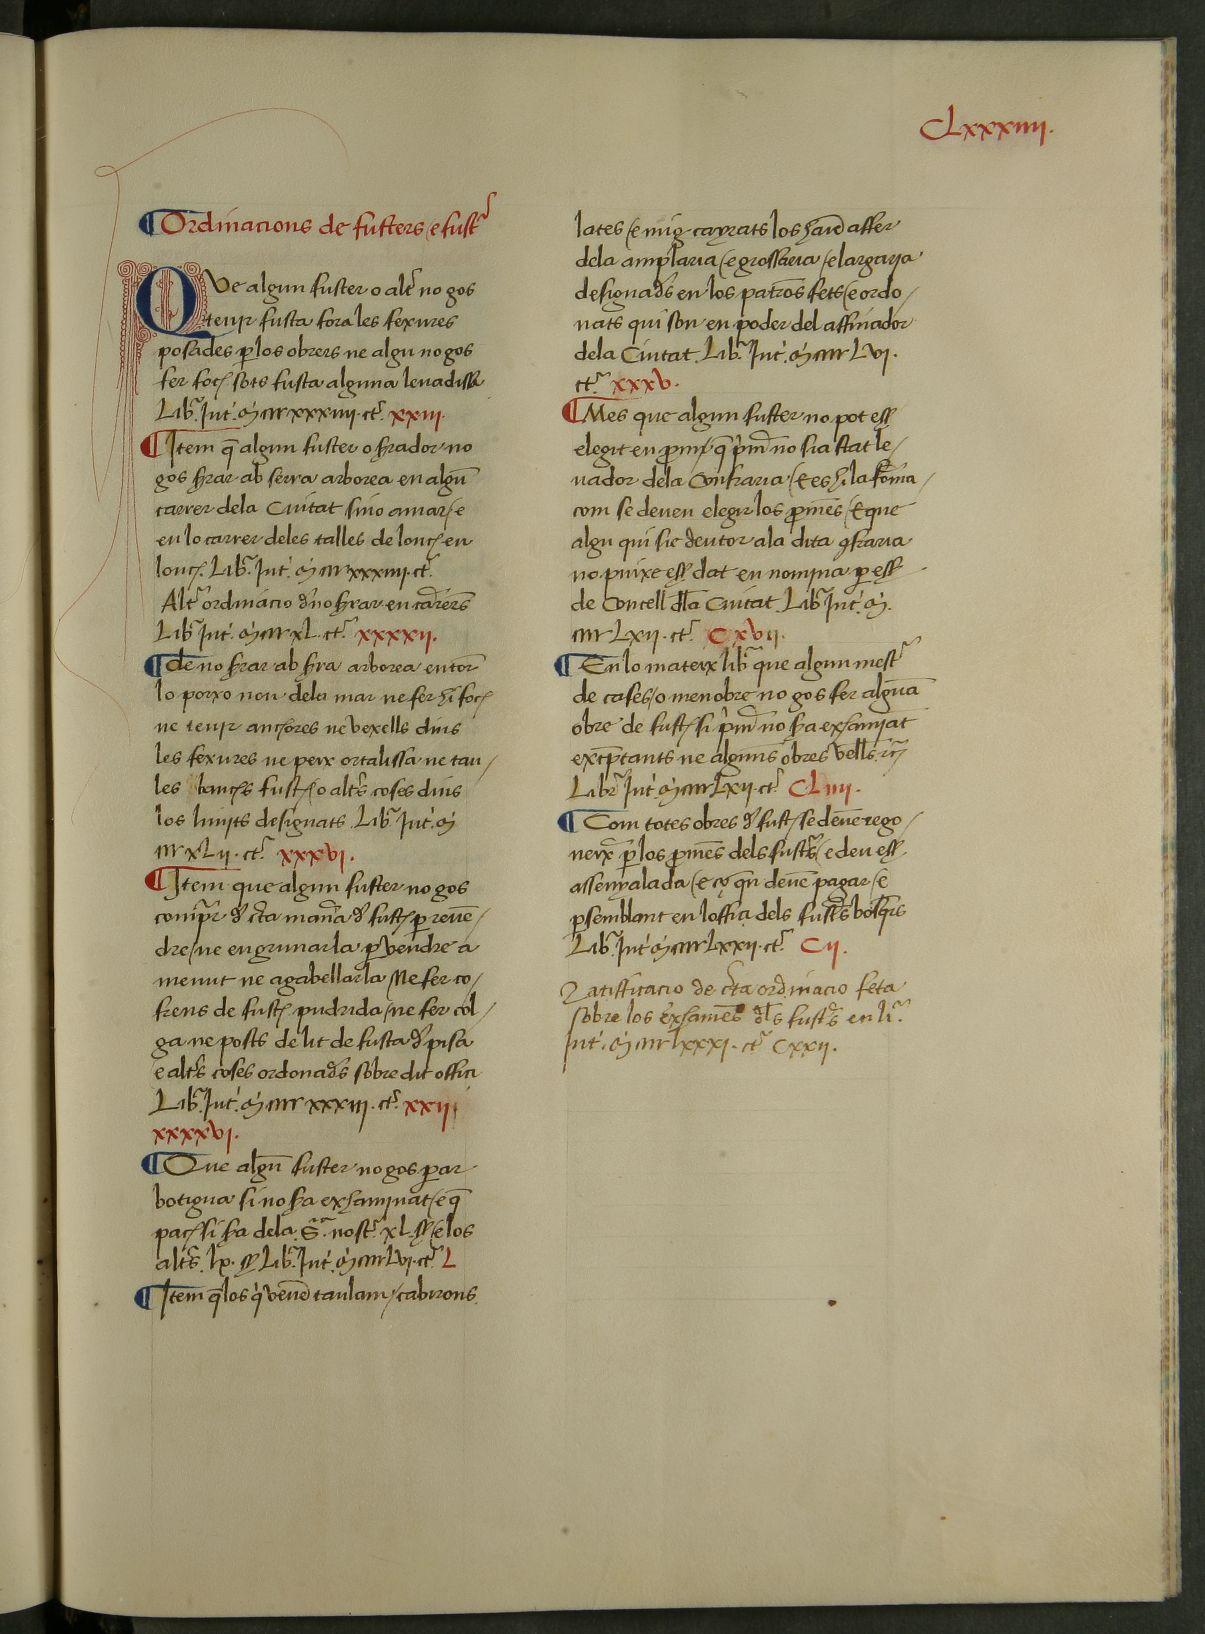 Ordinacions dels fusters. Rúbrica d'Ordinacions CCAM 01/1G-38 f.184r.(1296-1491)